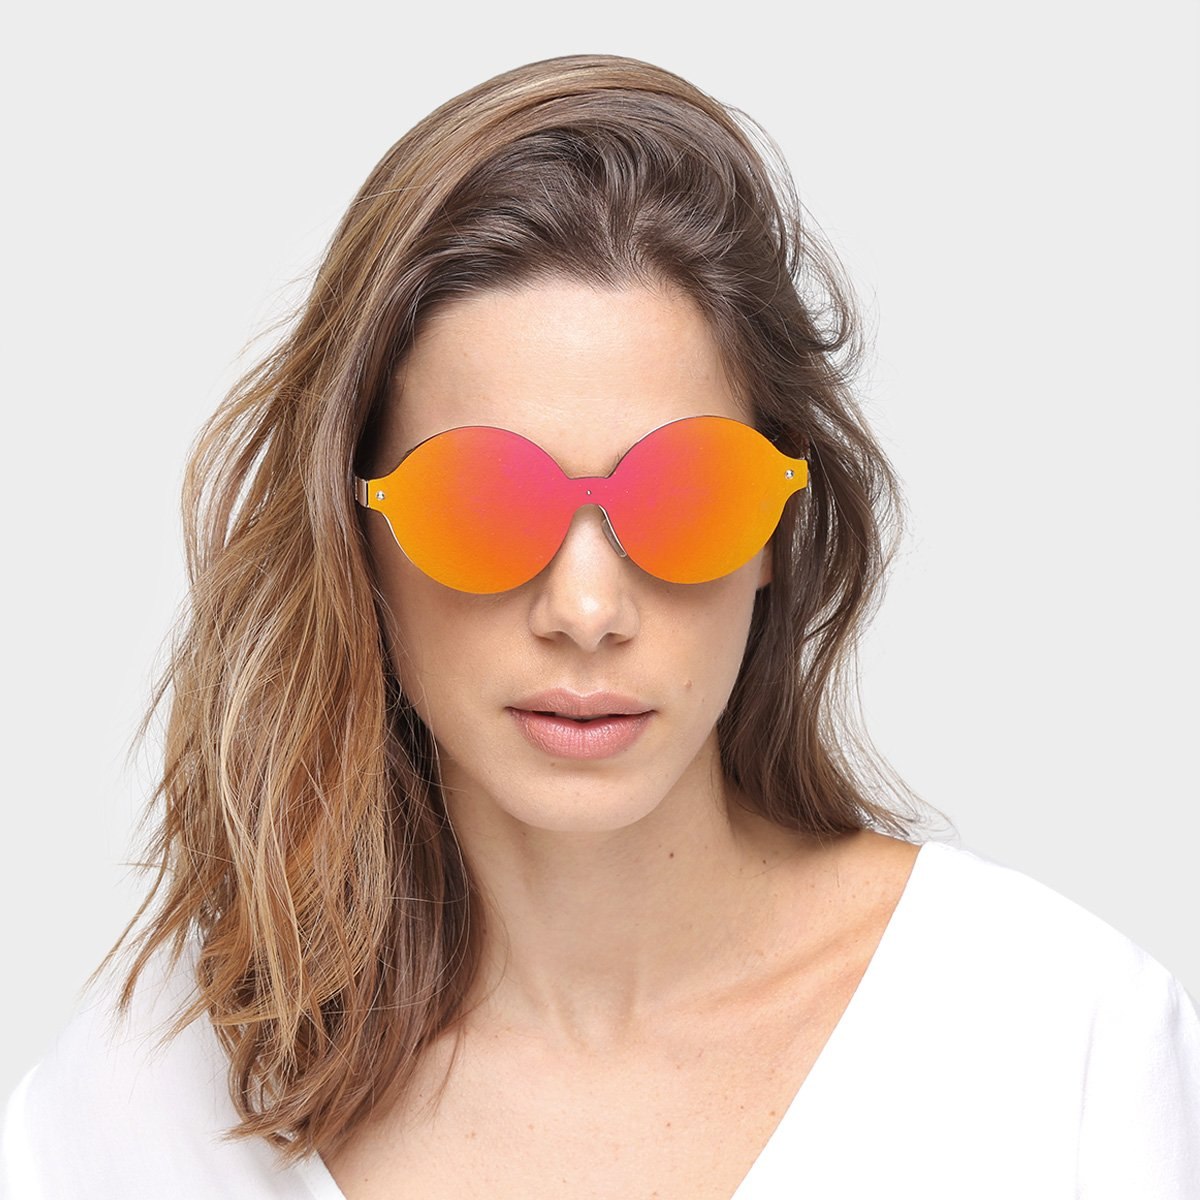 35d2c222e Óculos de Sol Moto Gp Pro Sharon 05 - Shopping TudoAzul